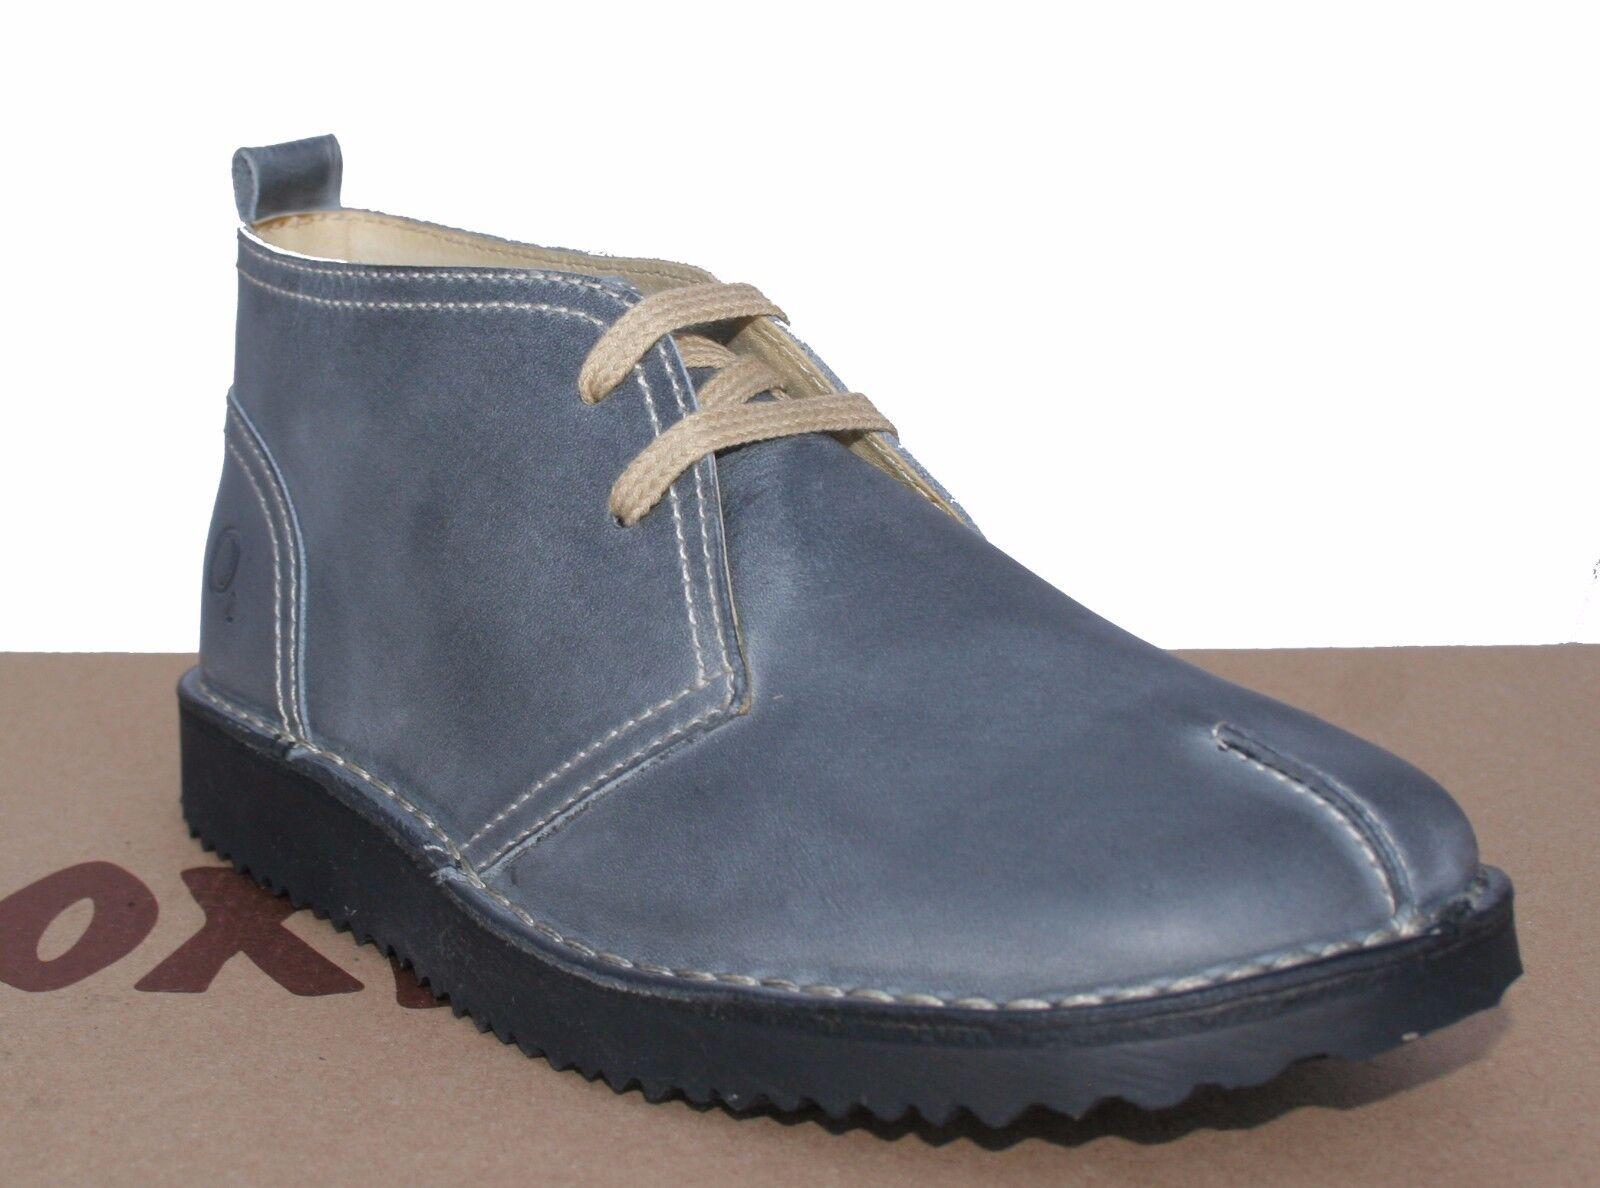 Puntada de oxígeno oxígeno oxígeno botín Essen gris-Azul Tallas 37-41 (UK 4 -7.5)  moda